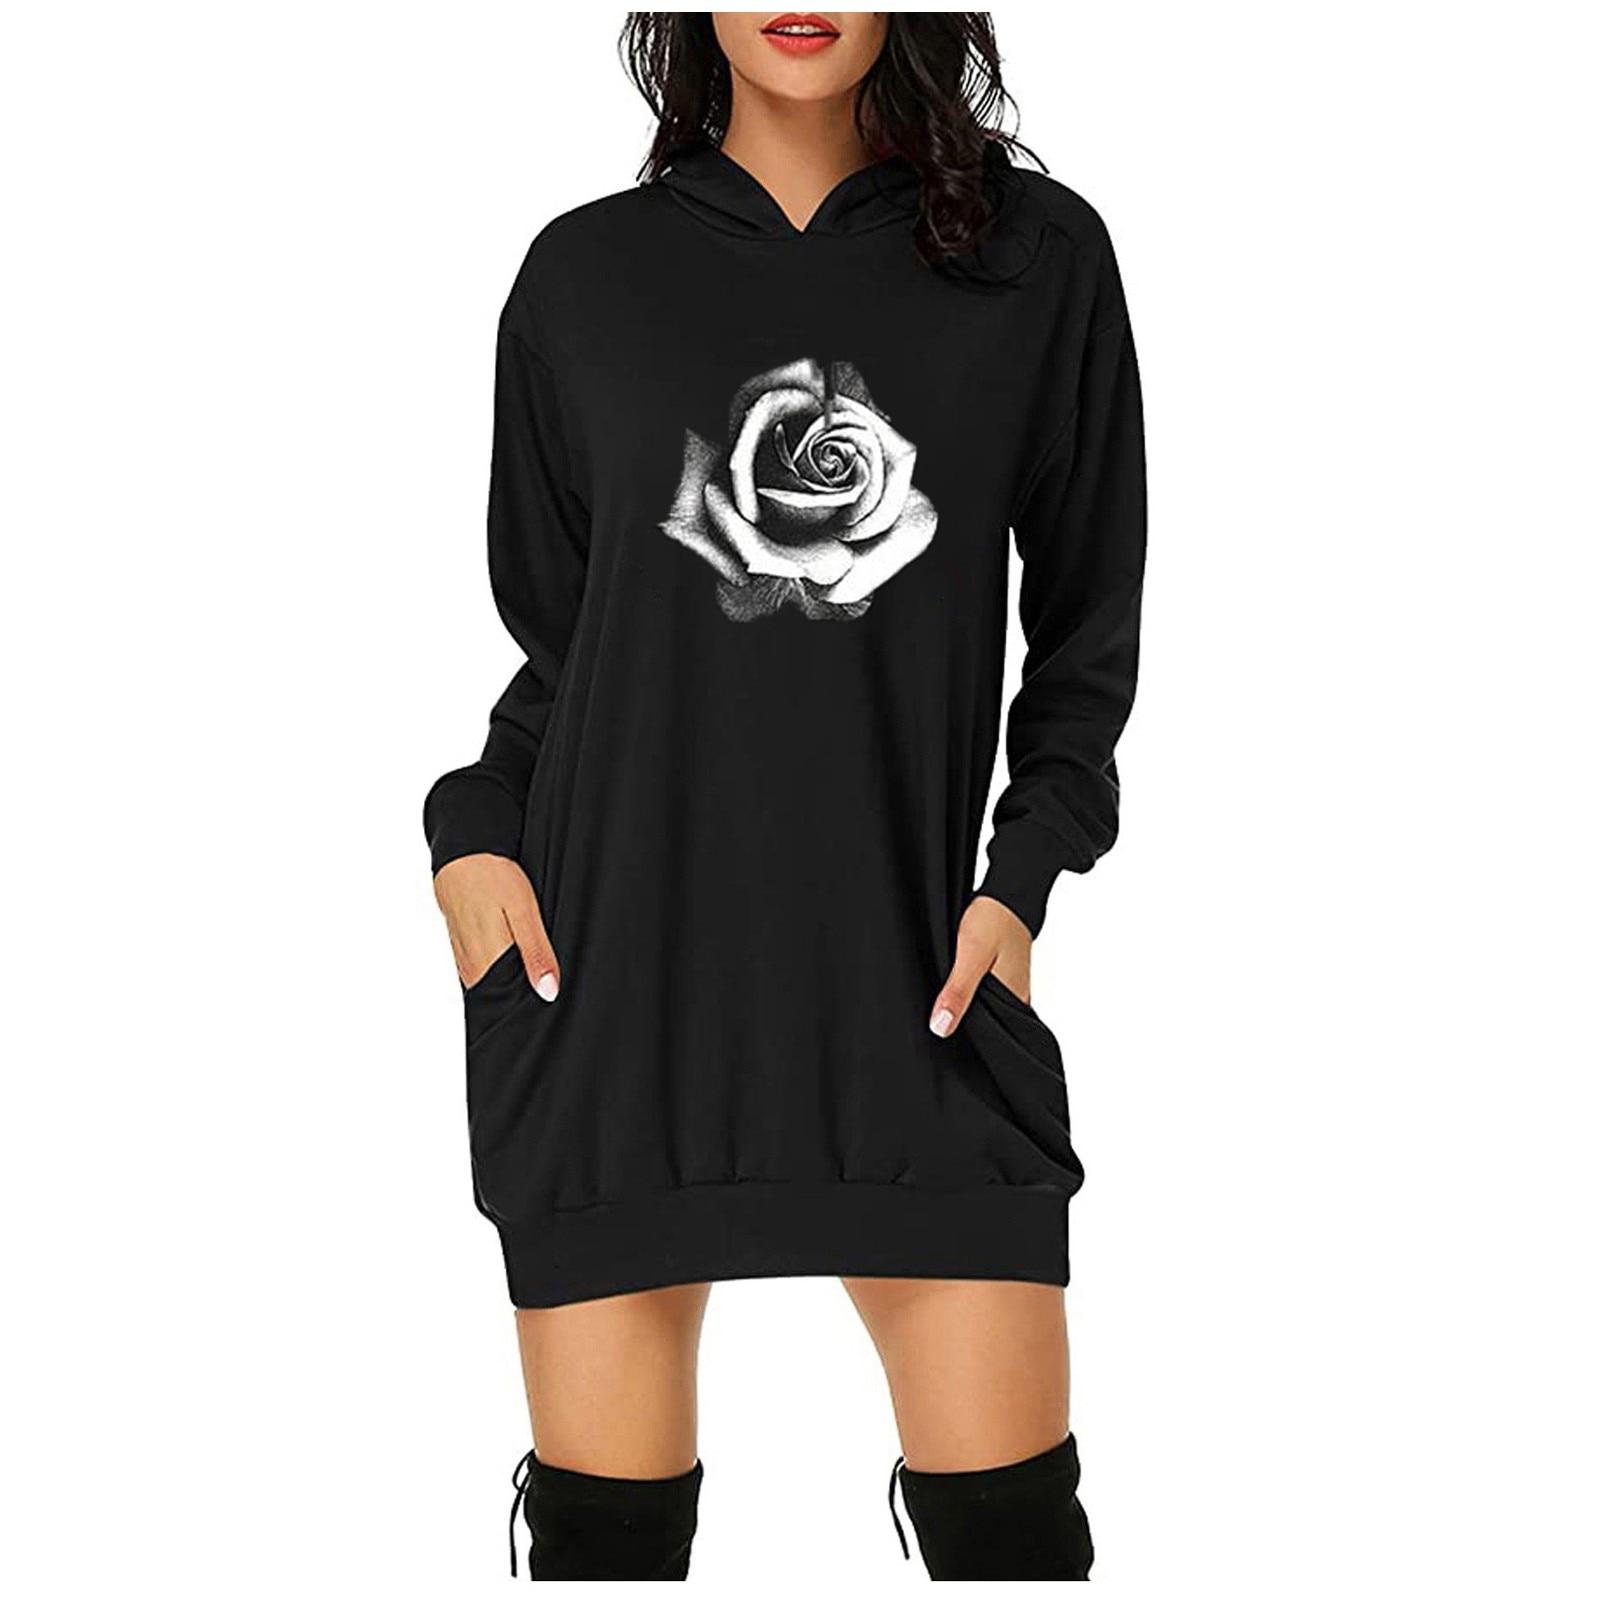 Женская толстовка и толстовка женская спортивная одежда, Женская Спортивная одежда с принтом розы, повседневные пуловеры с длинными рукава...